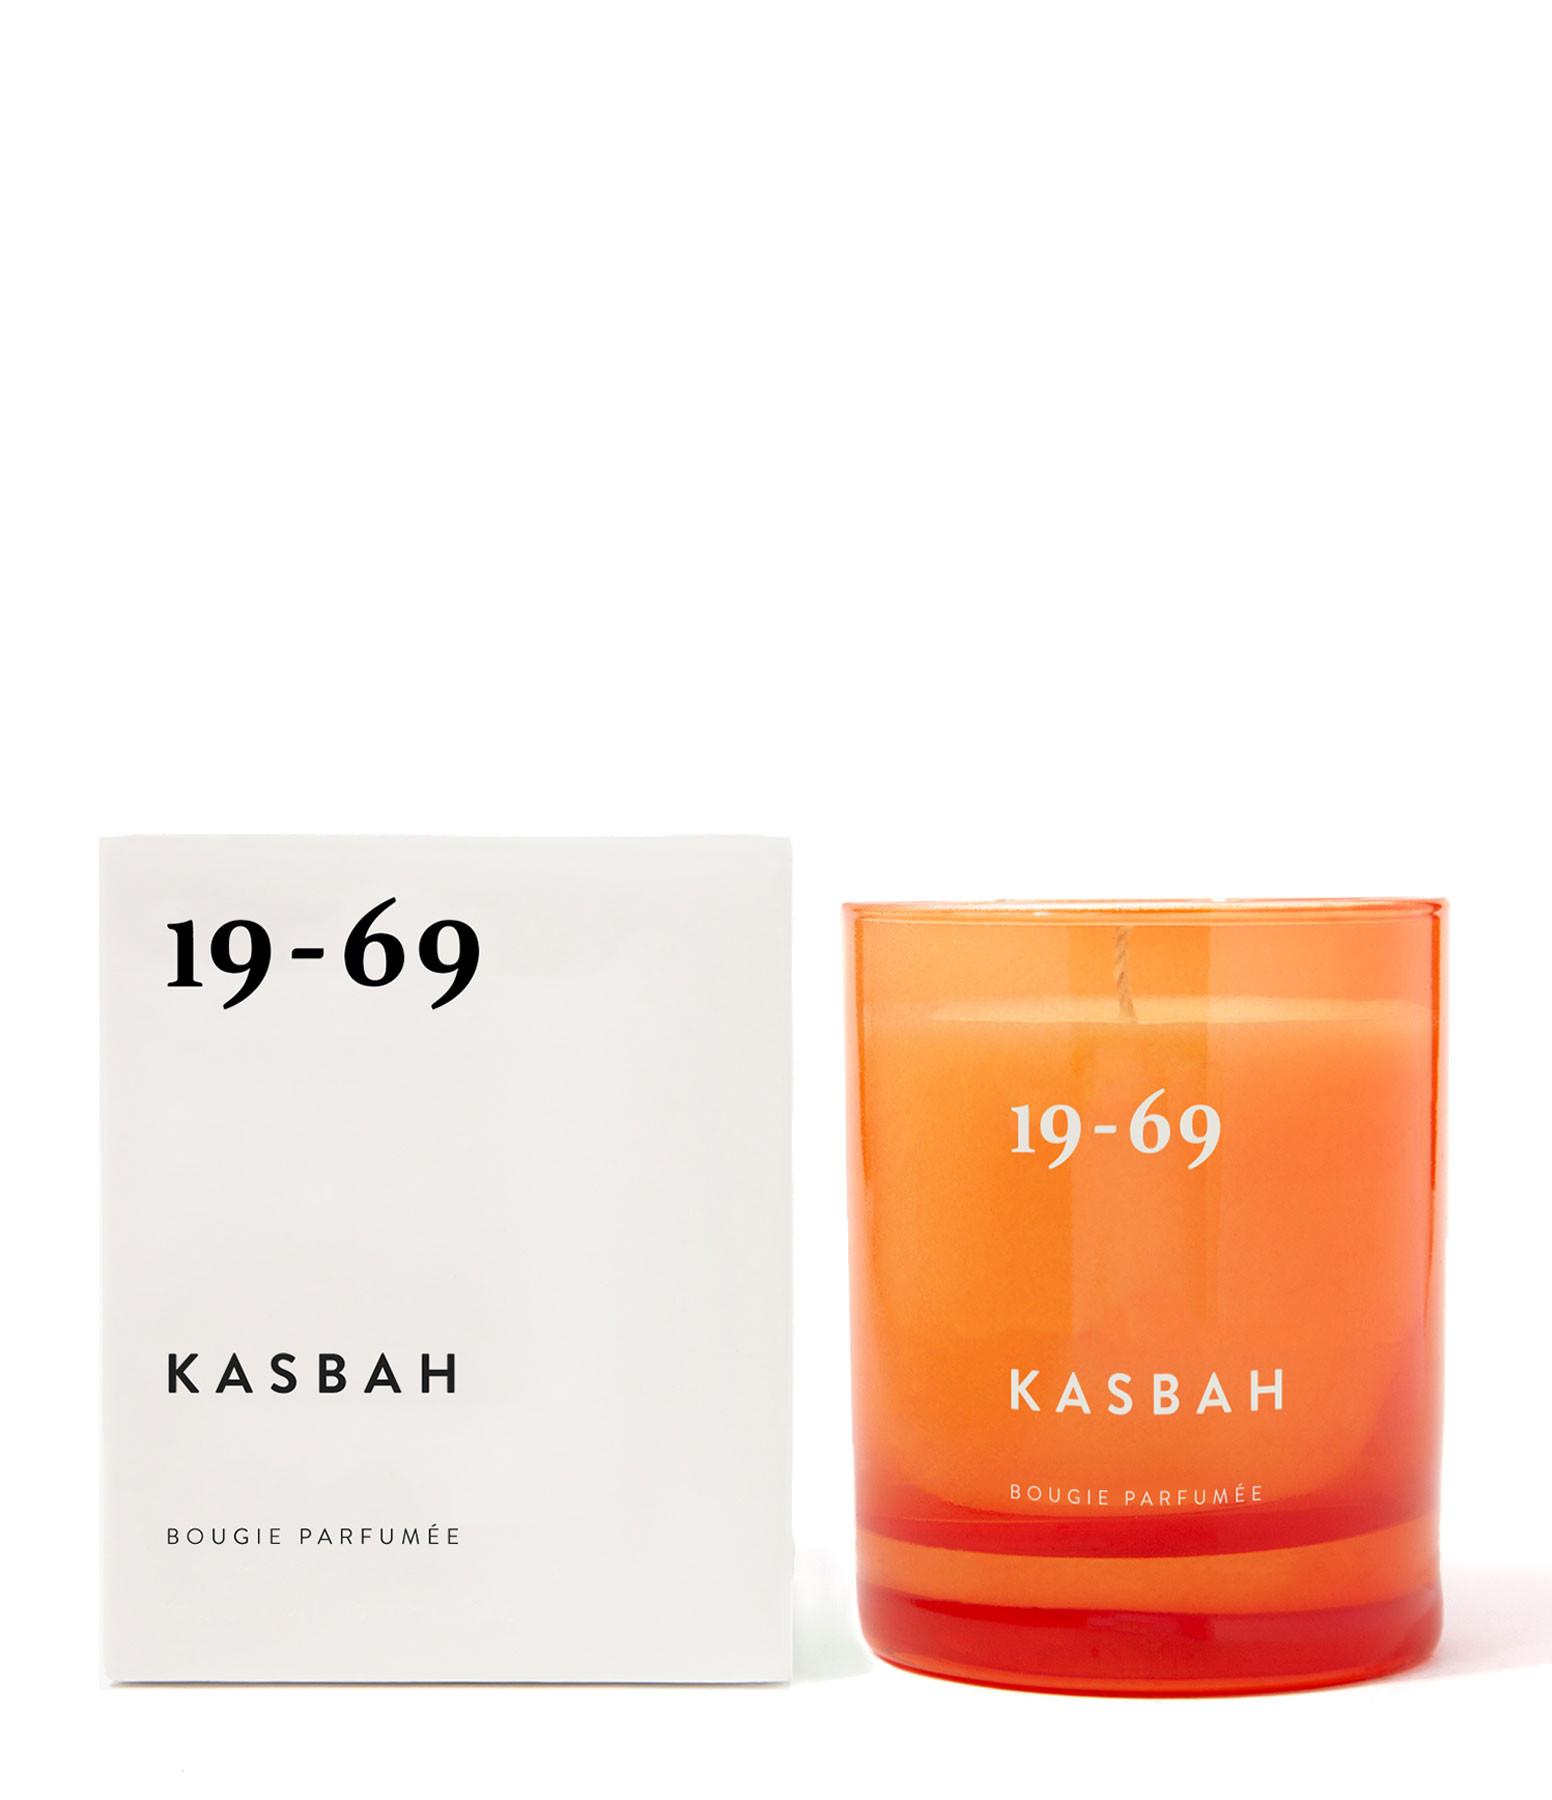 19-69 - Bougie Kasbah 200 ml